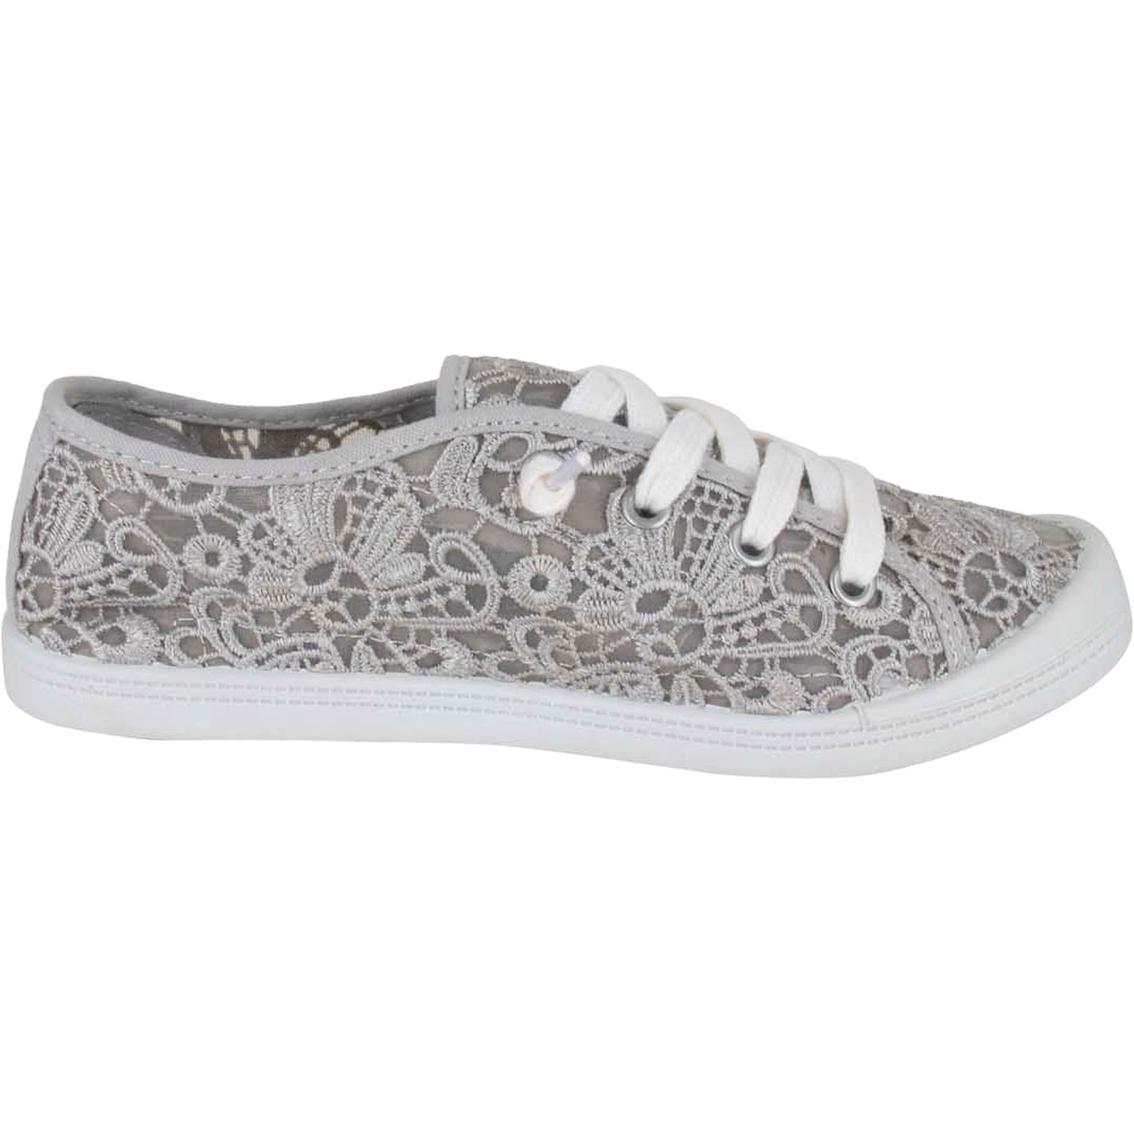 b38349040 Jellypop Shoes Austin Crochet Sneakers